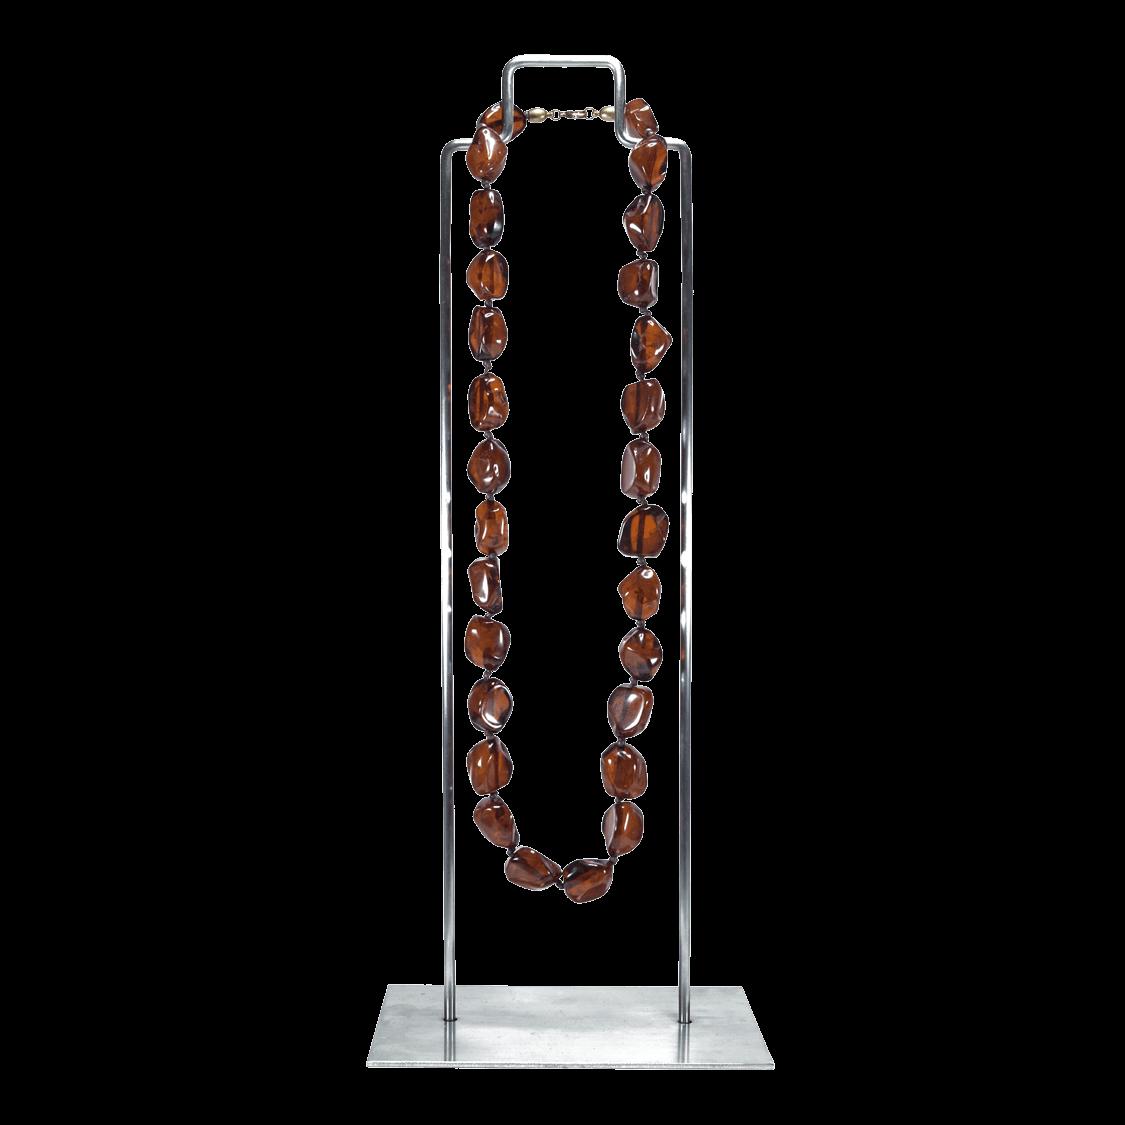 Collar de resina natural color marrón en soporte